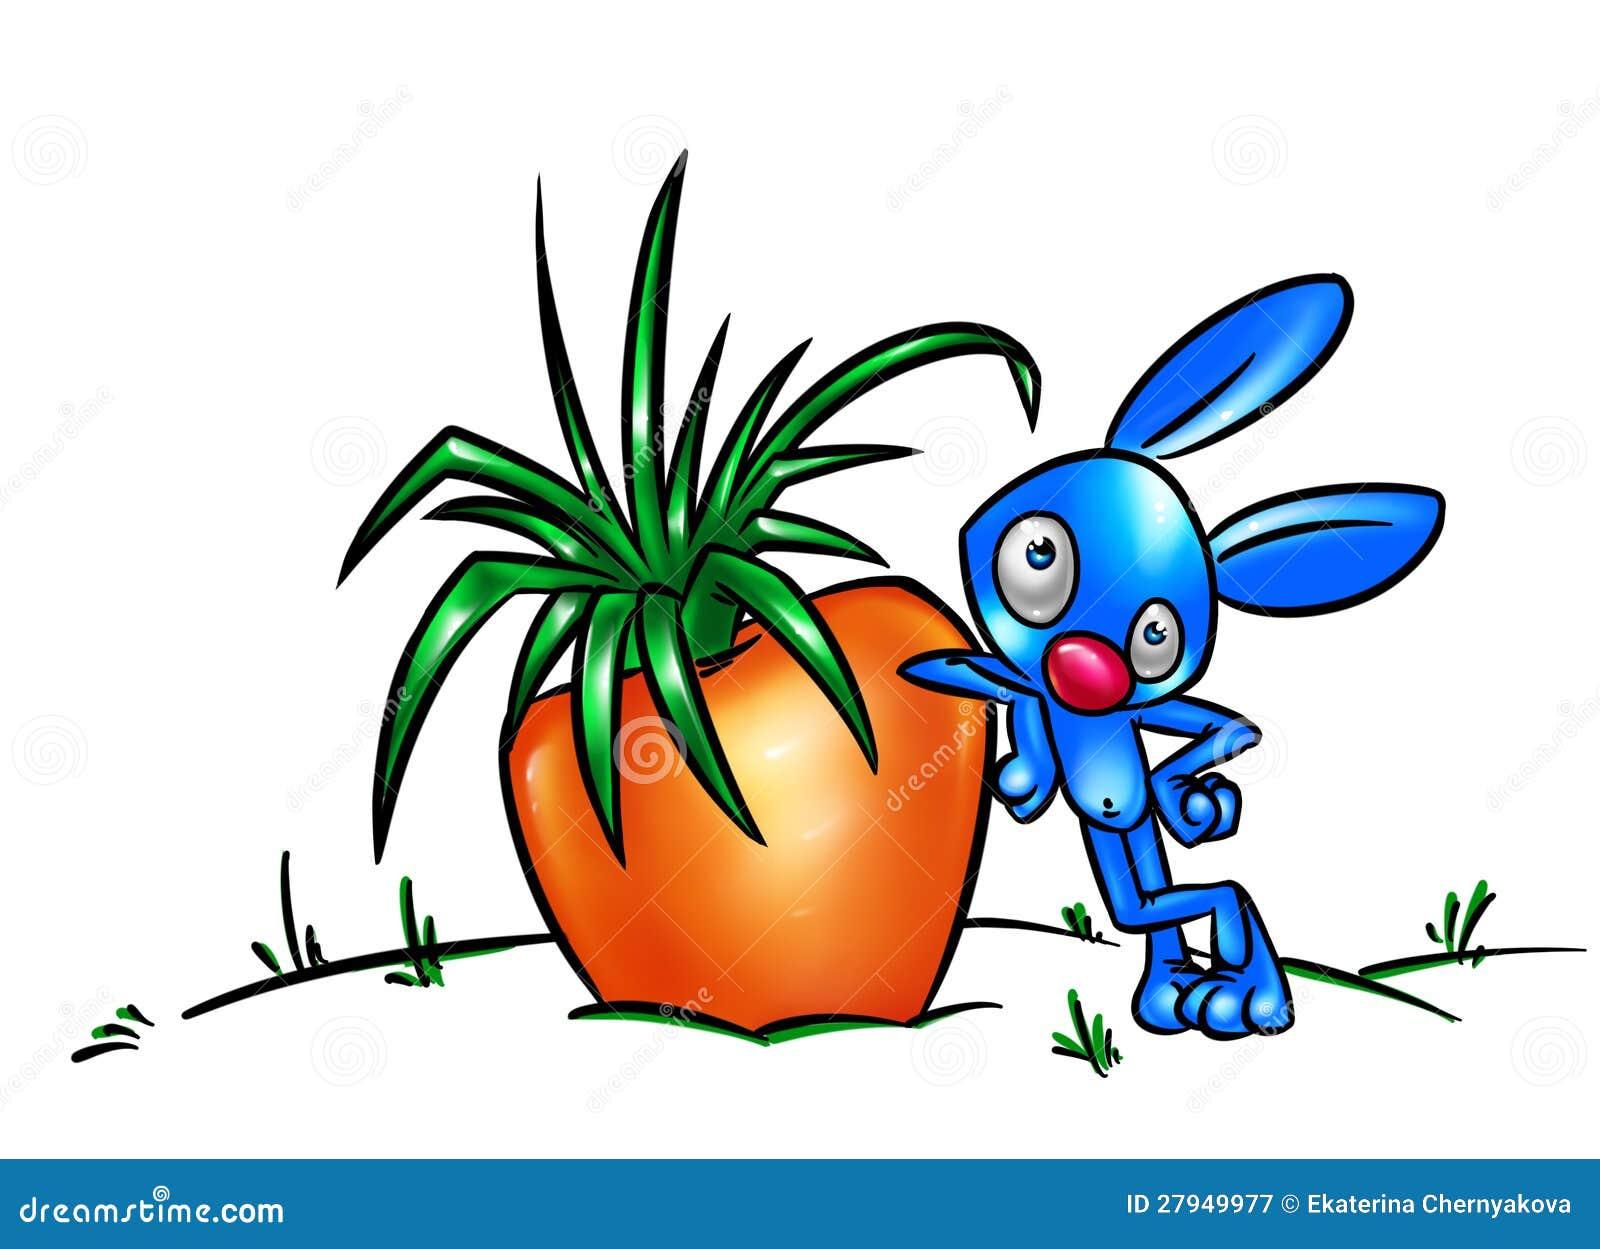 Cute Cartoon Rabbit Wi...